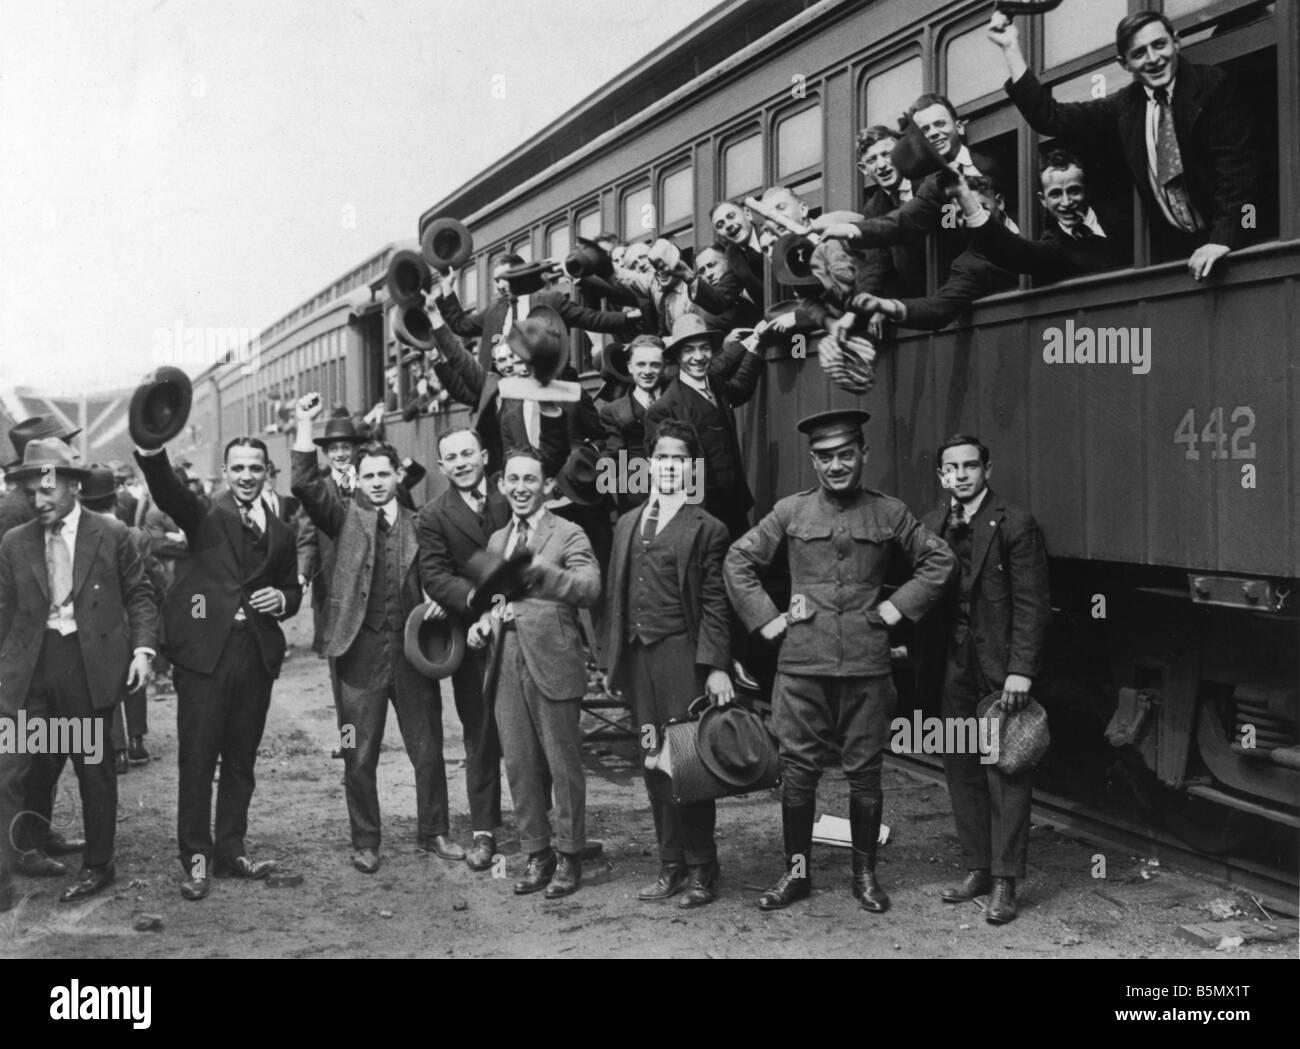 9us 1917 9 19 A1 Krieg Eingang 1917 rufen Sie Foto 1. Weltkrieg Krieg Zugang durch die Kriegserklärung der Stockbild